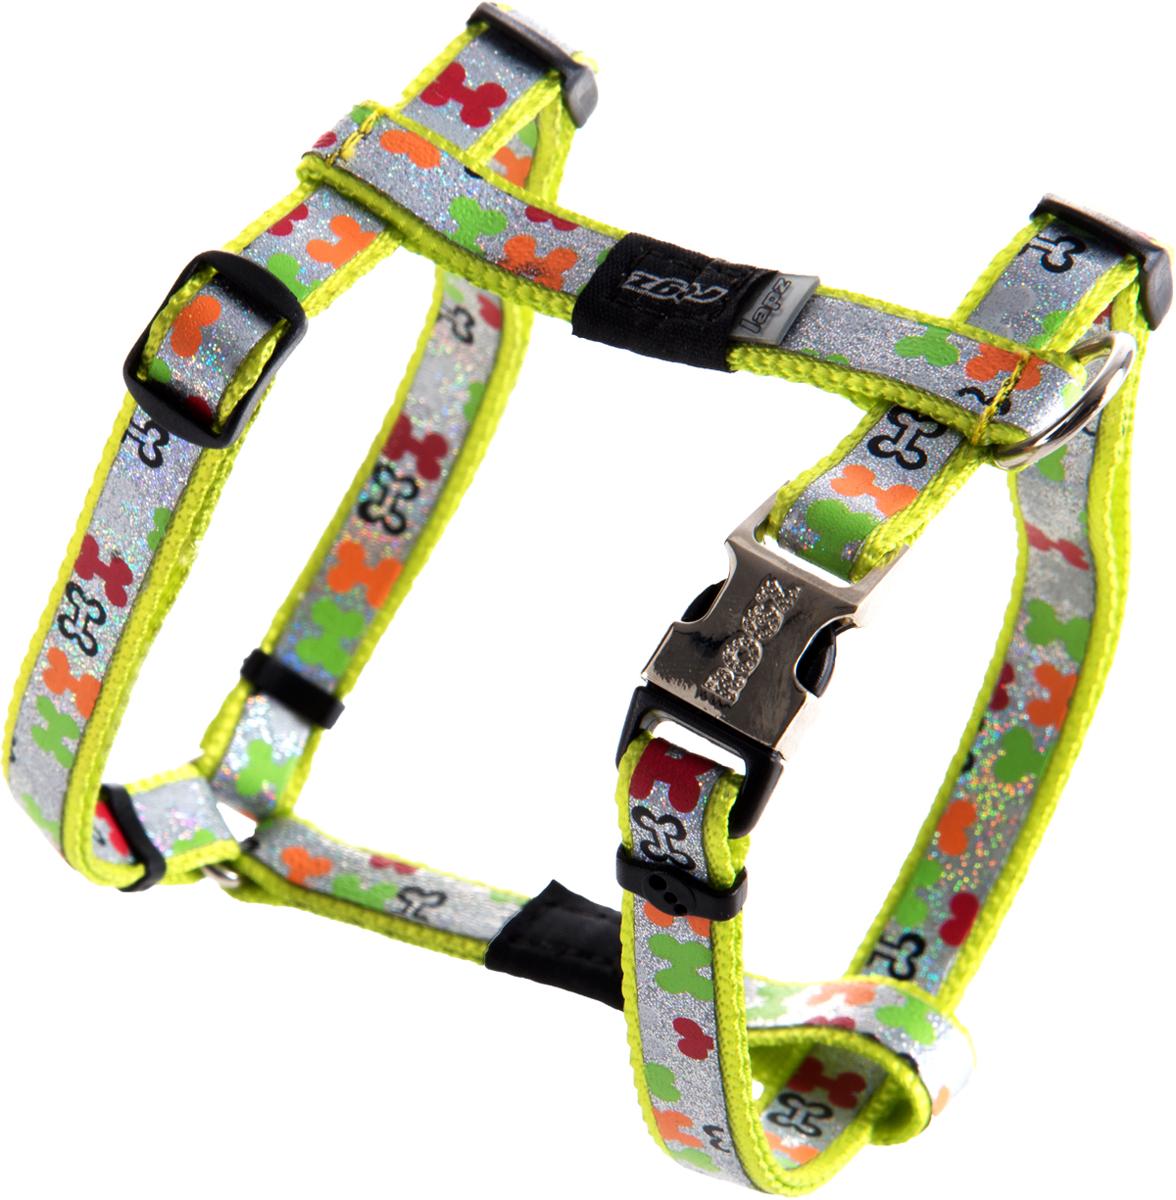 Шлейка для собак Rogz Trendy, цвет: салатовый, ширина 1,2 см. Размер SSJ521LШлейка для собак Rogz Trendy обладает нежнейшей мягкостью и гибкостью.Светоотражающие материалы для обеспечения лучшей видимости собаки в темное время суток.